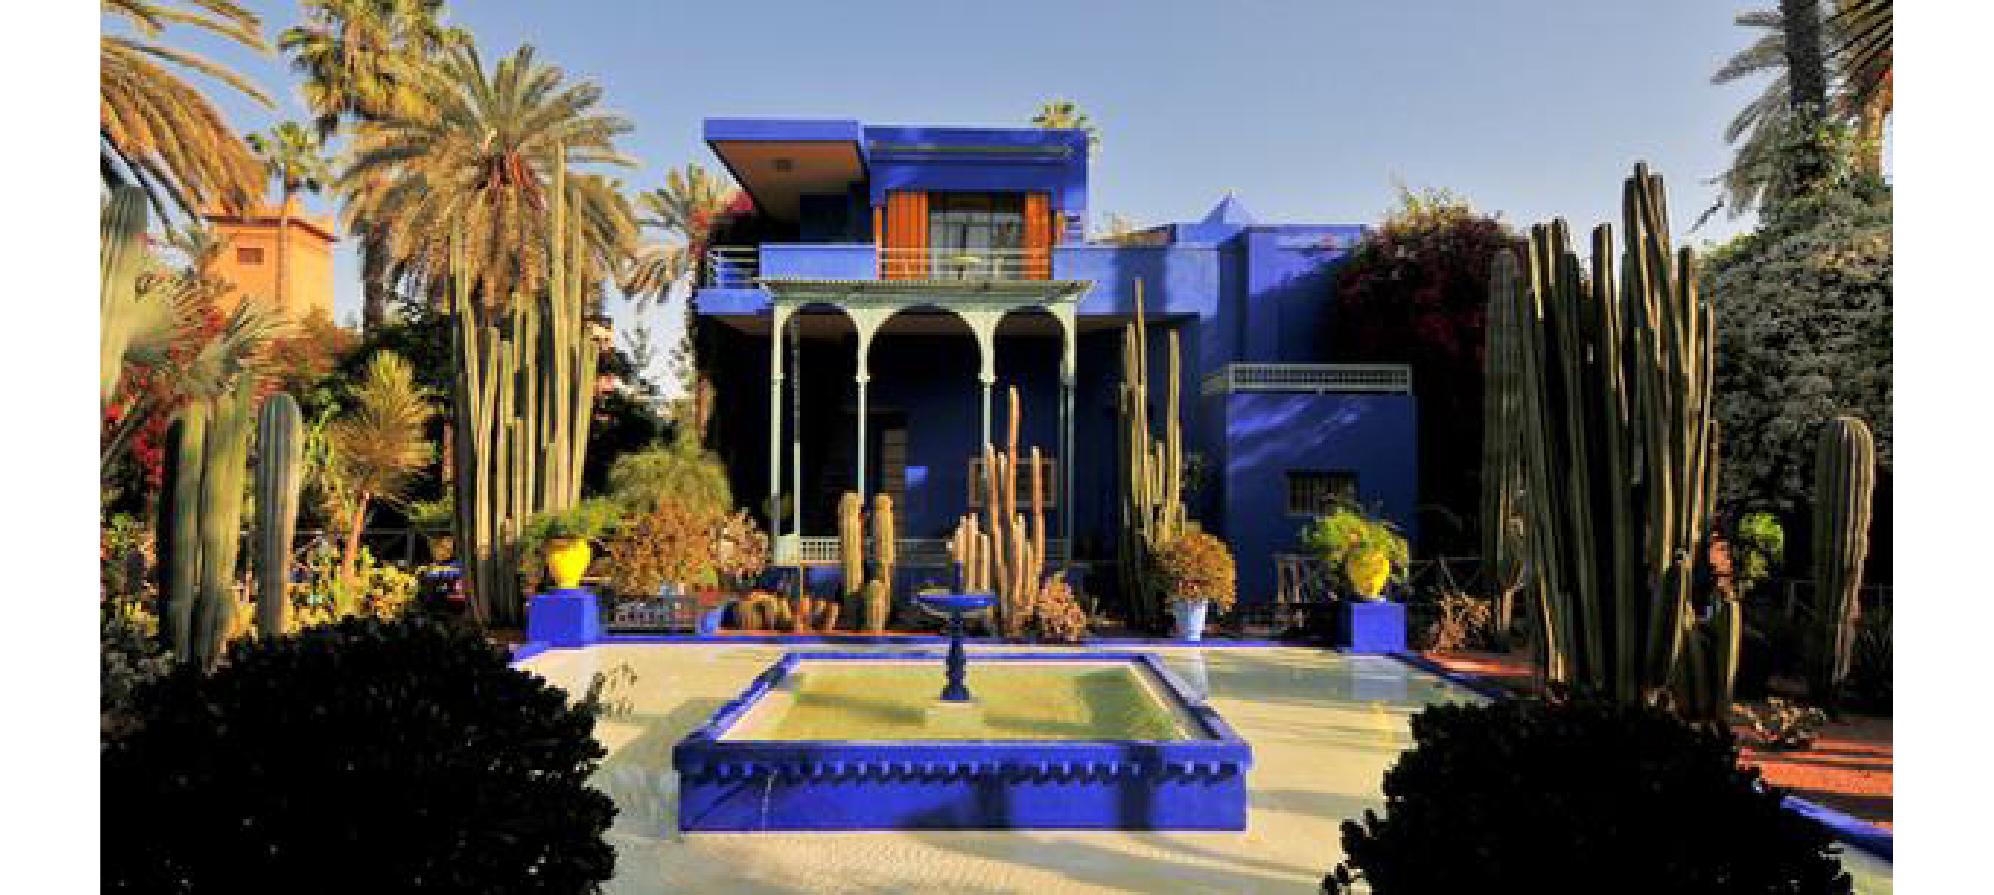 位於北美 :摩洛哥馬拉喀什 YSL 博物館